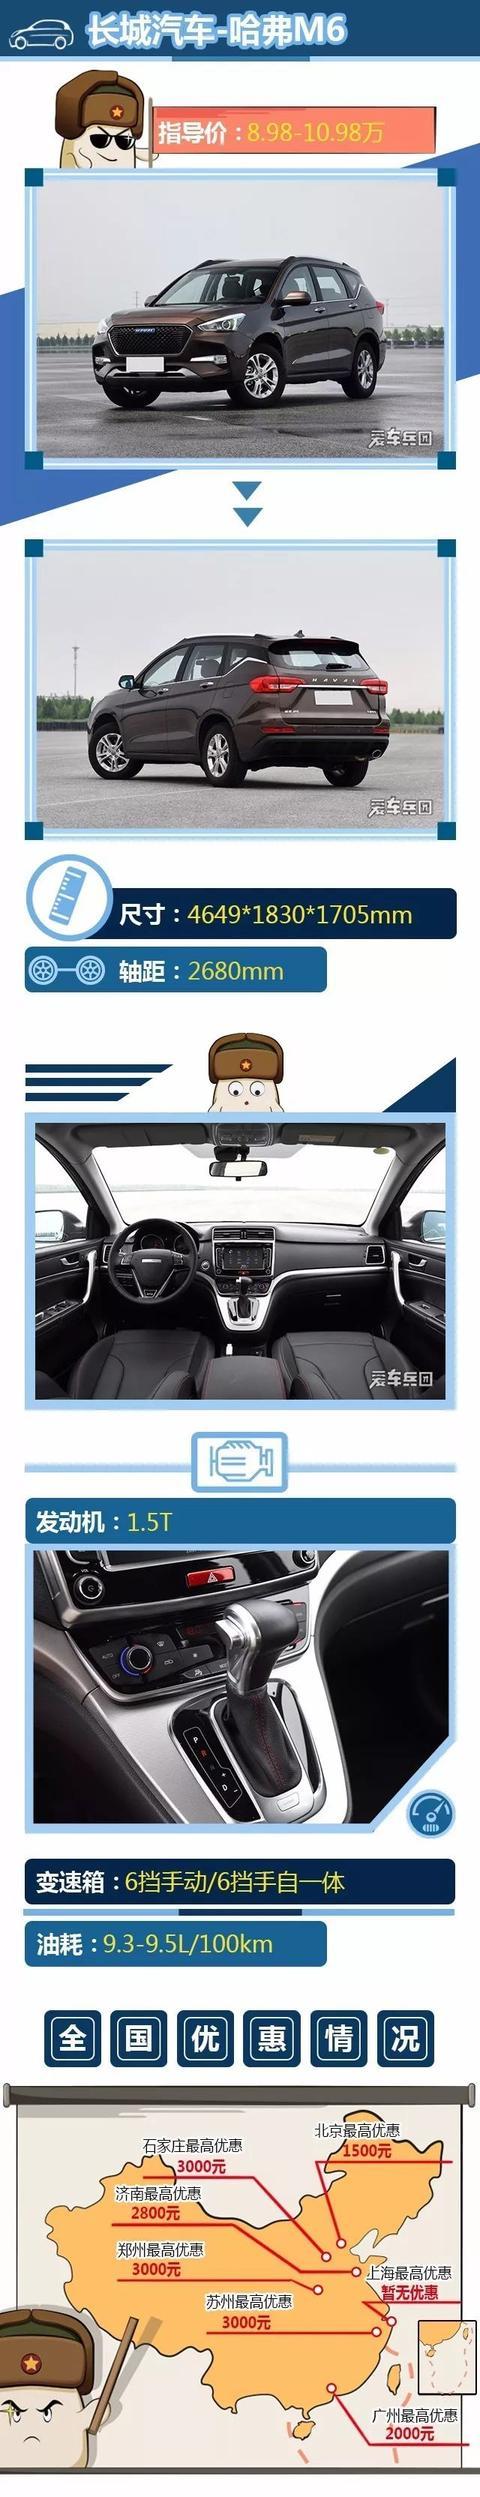 8-13万 搭载自动变速箱的三款自主SUV!配置高 实用性强 !